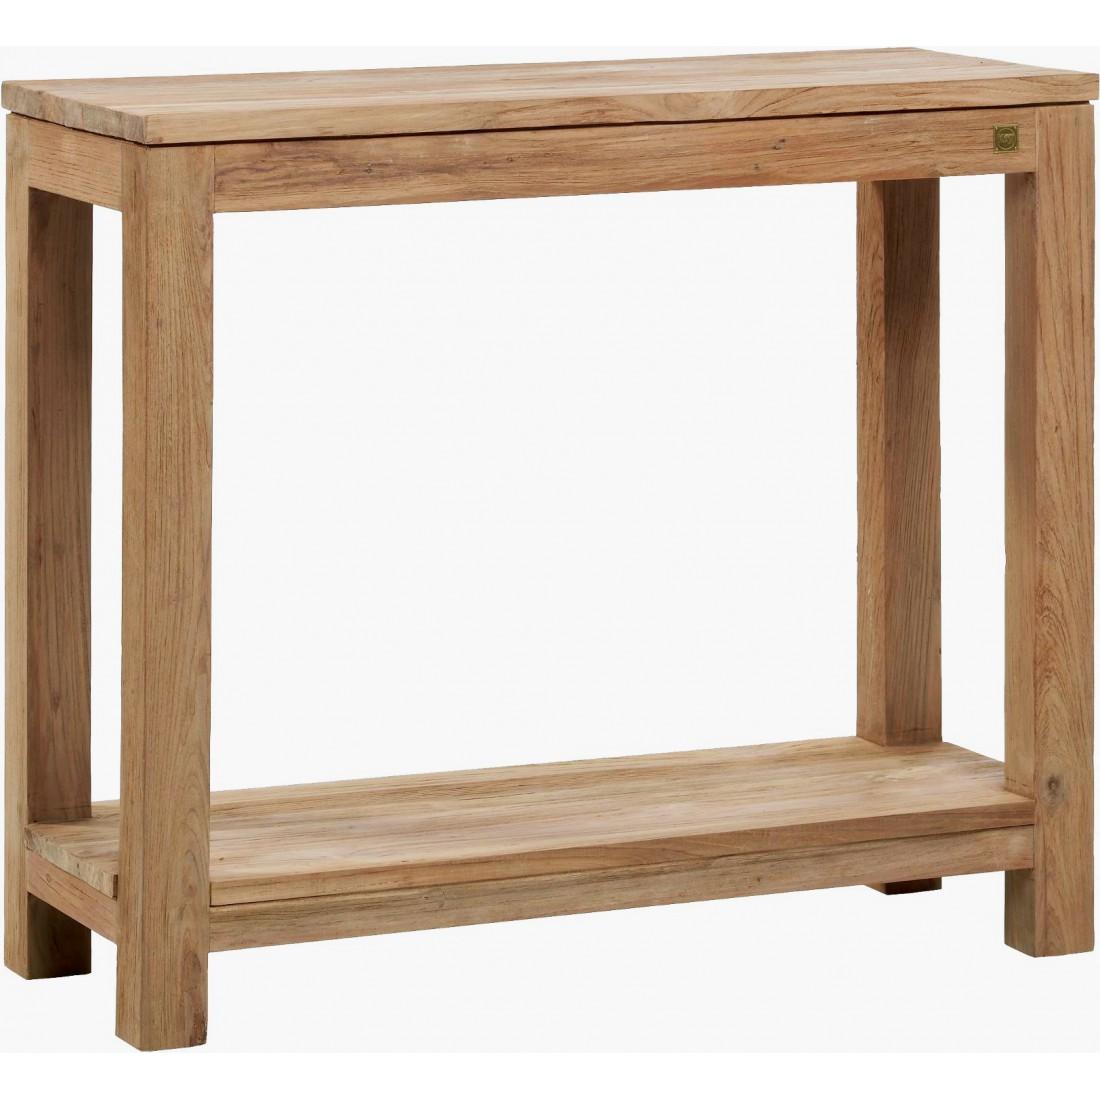 console en teck recycl bross drift petit mod le. Black Bedroom Furniture Sets. Home Design Ideas